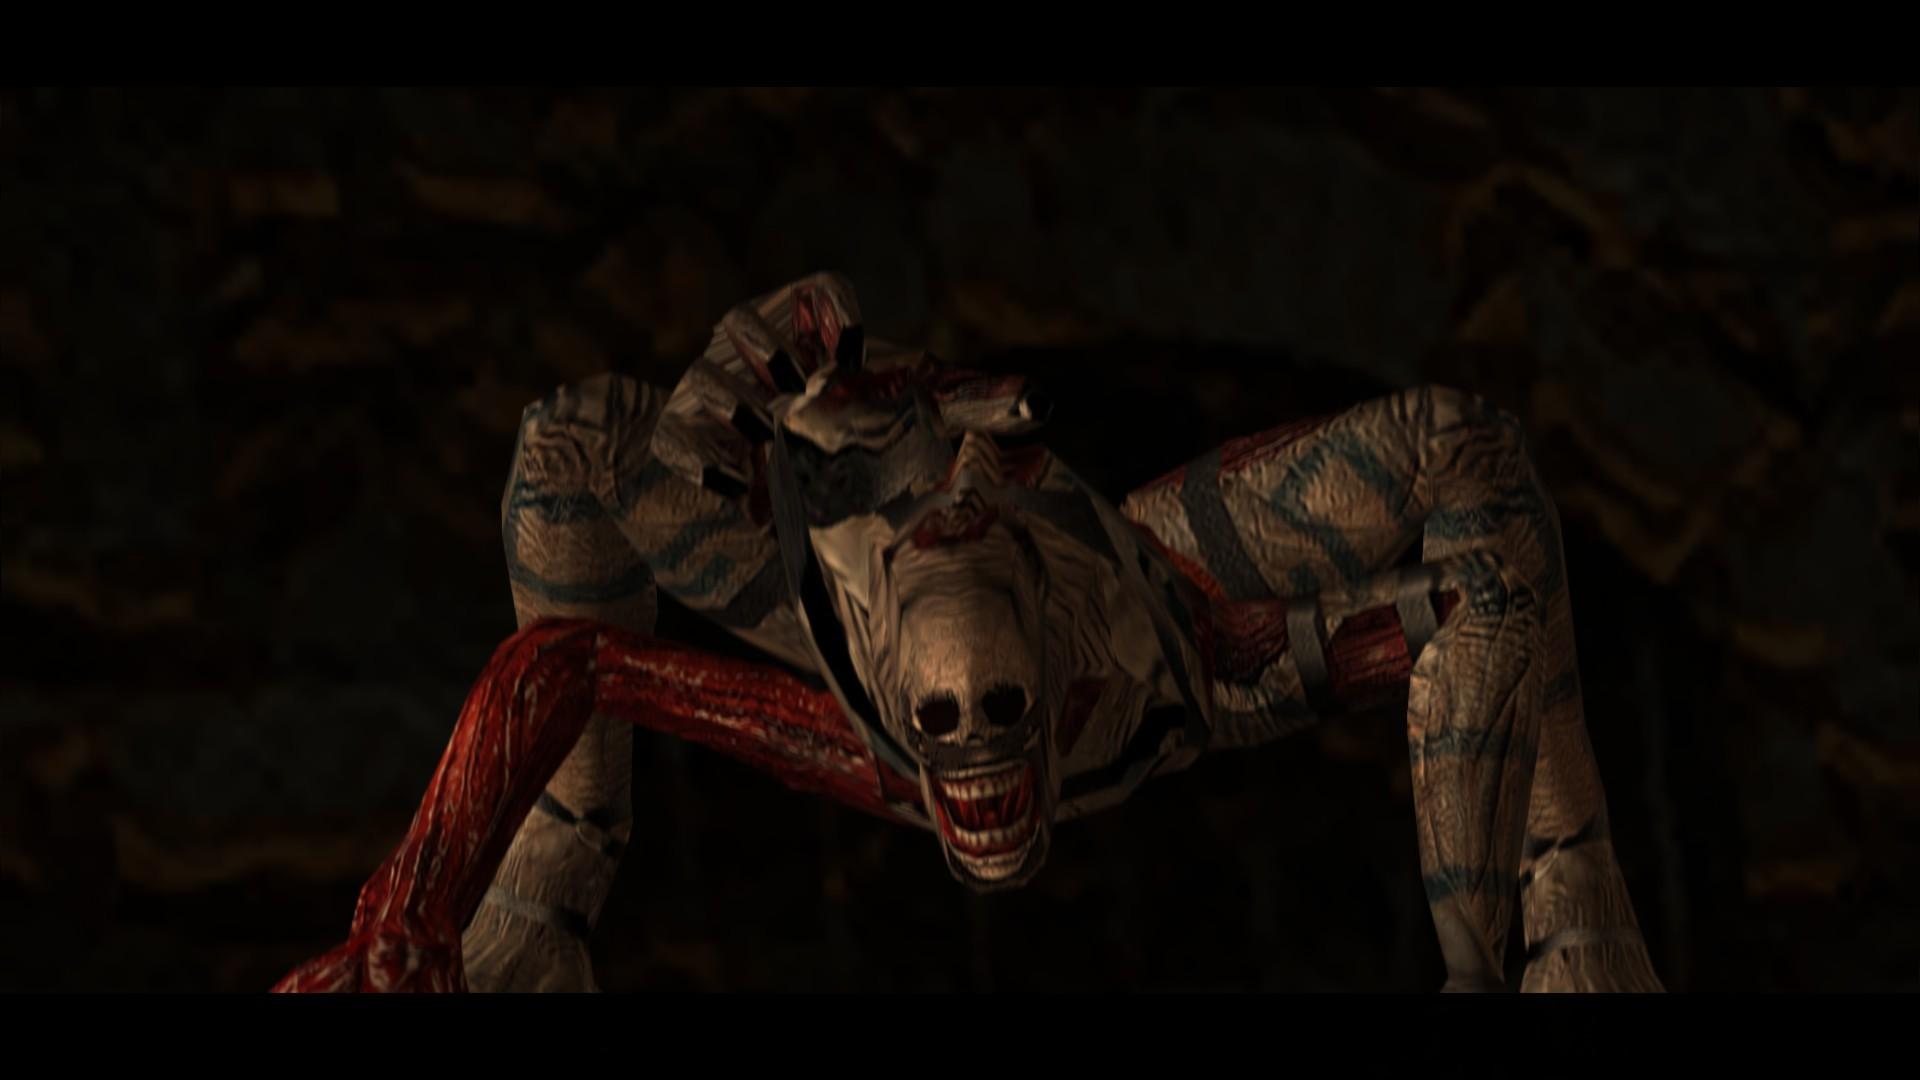 Пост-прохождение Devil May Cry Часть 7. - Изображение 30